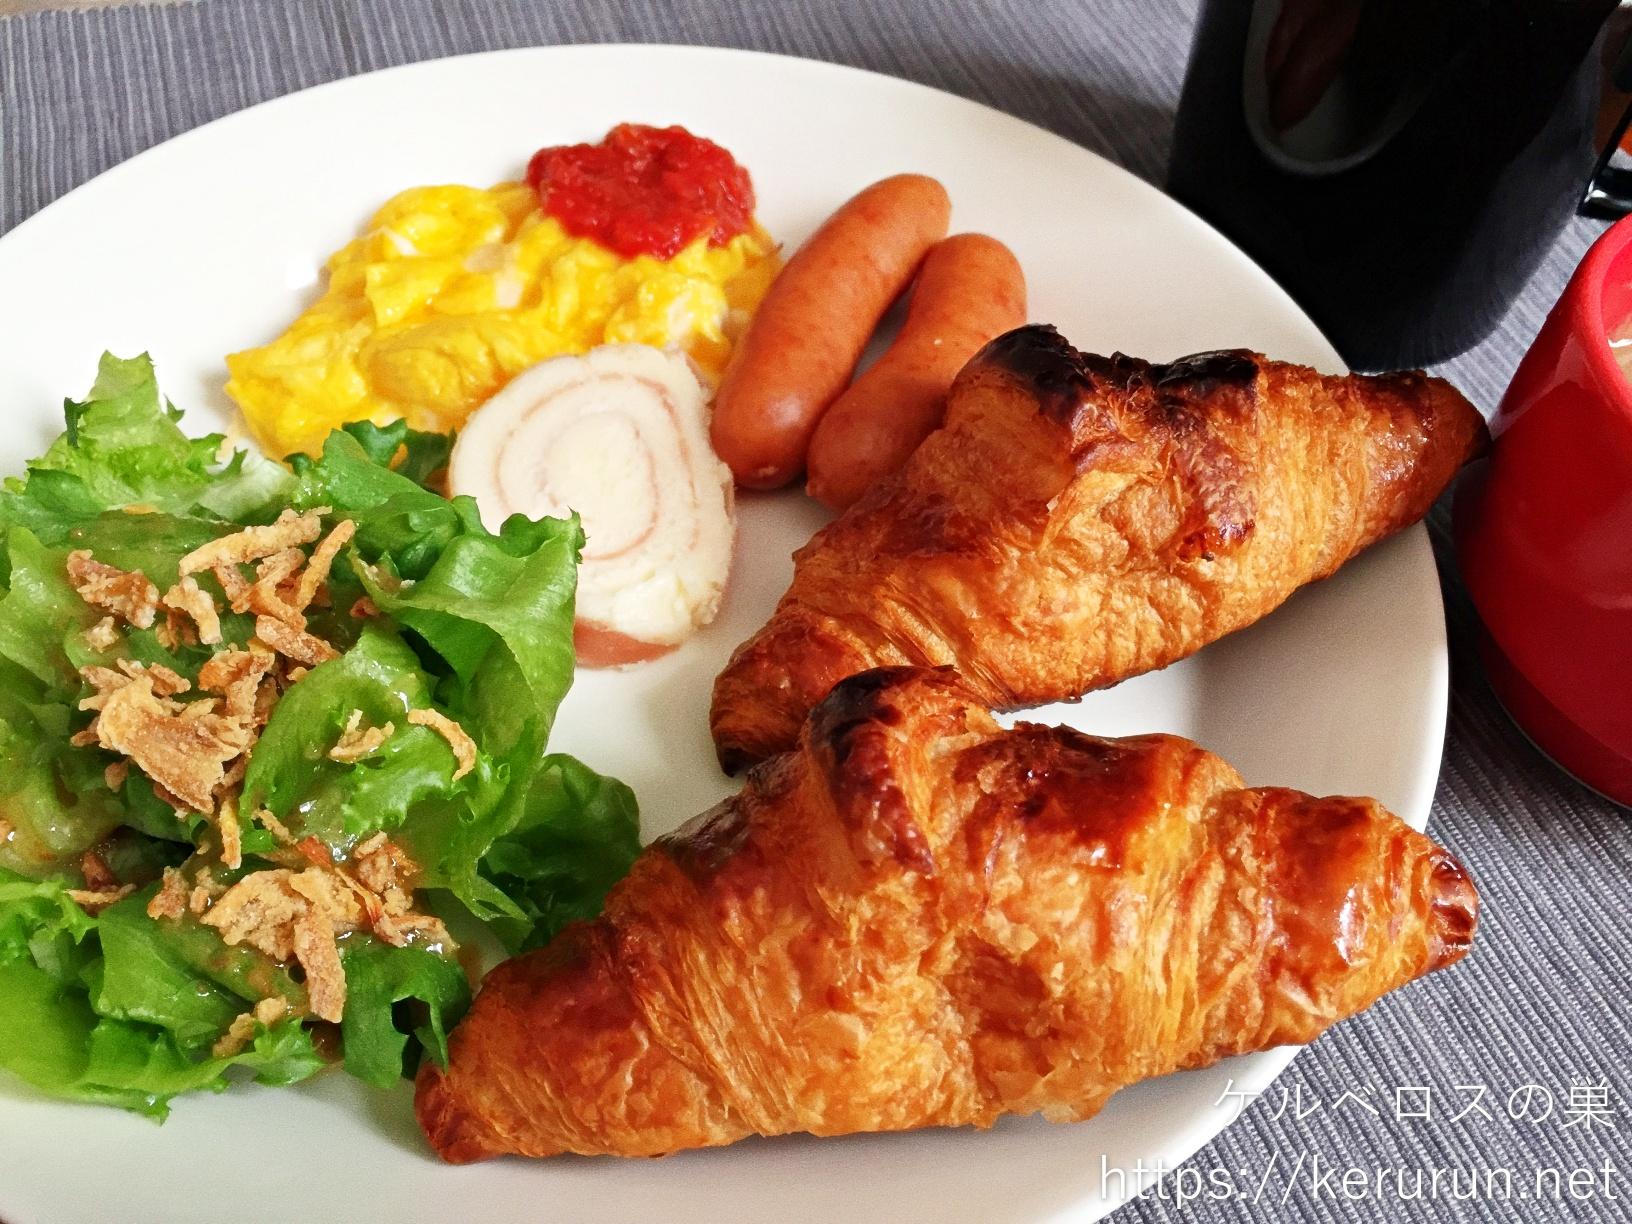 コストコ食材で休日の朝ごはん